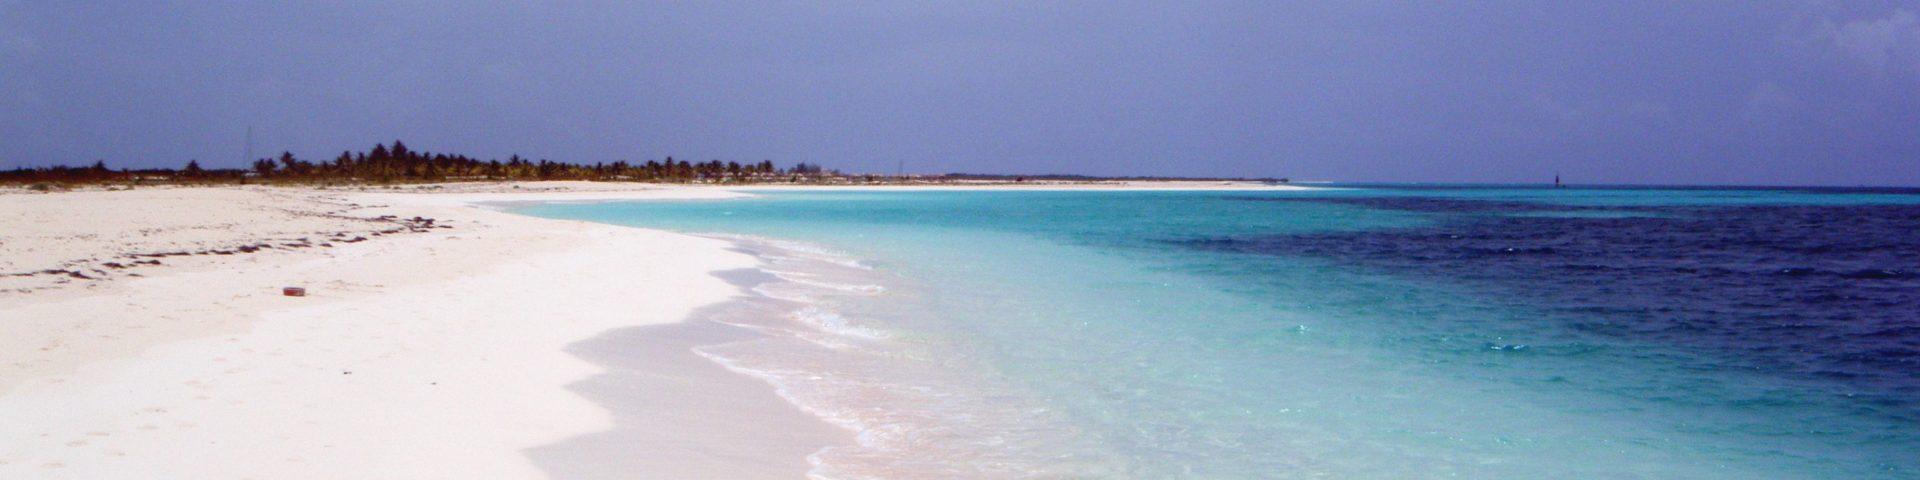 beach in cuba California Marine Science Educators Visit Cuba